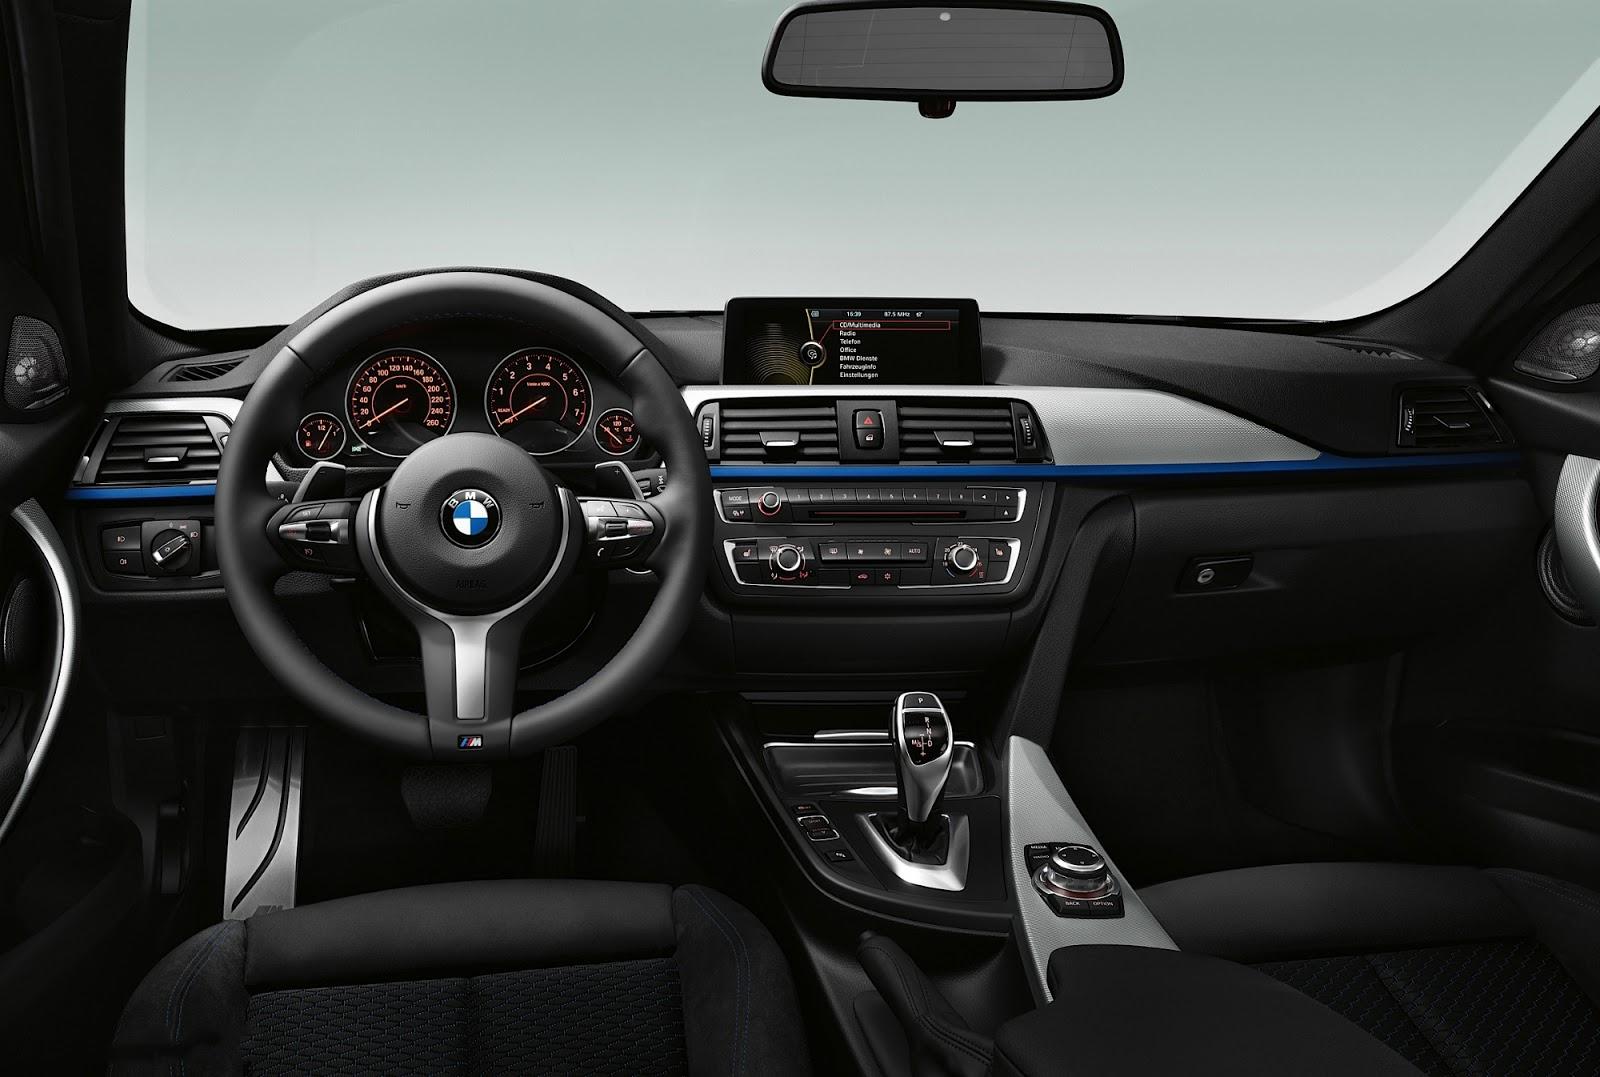 BMW 5 Series 2012 bmw 328i xdrive coupe Automotive Database: BMW 3 Series (F30)